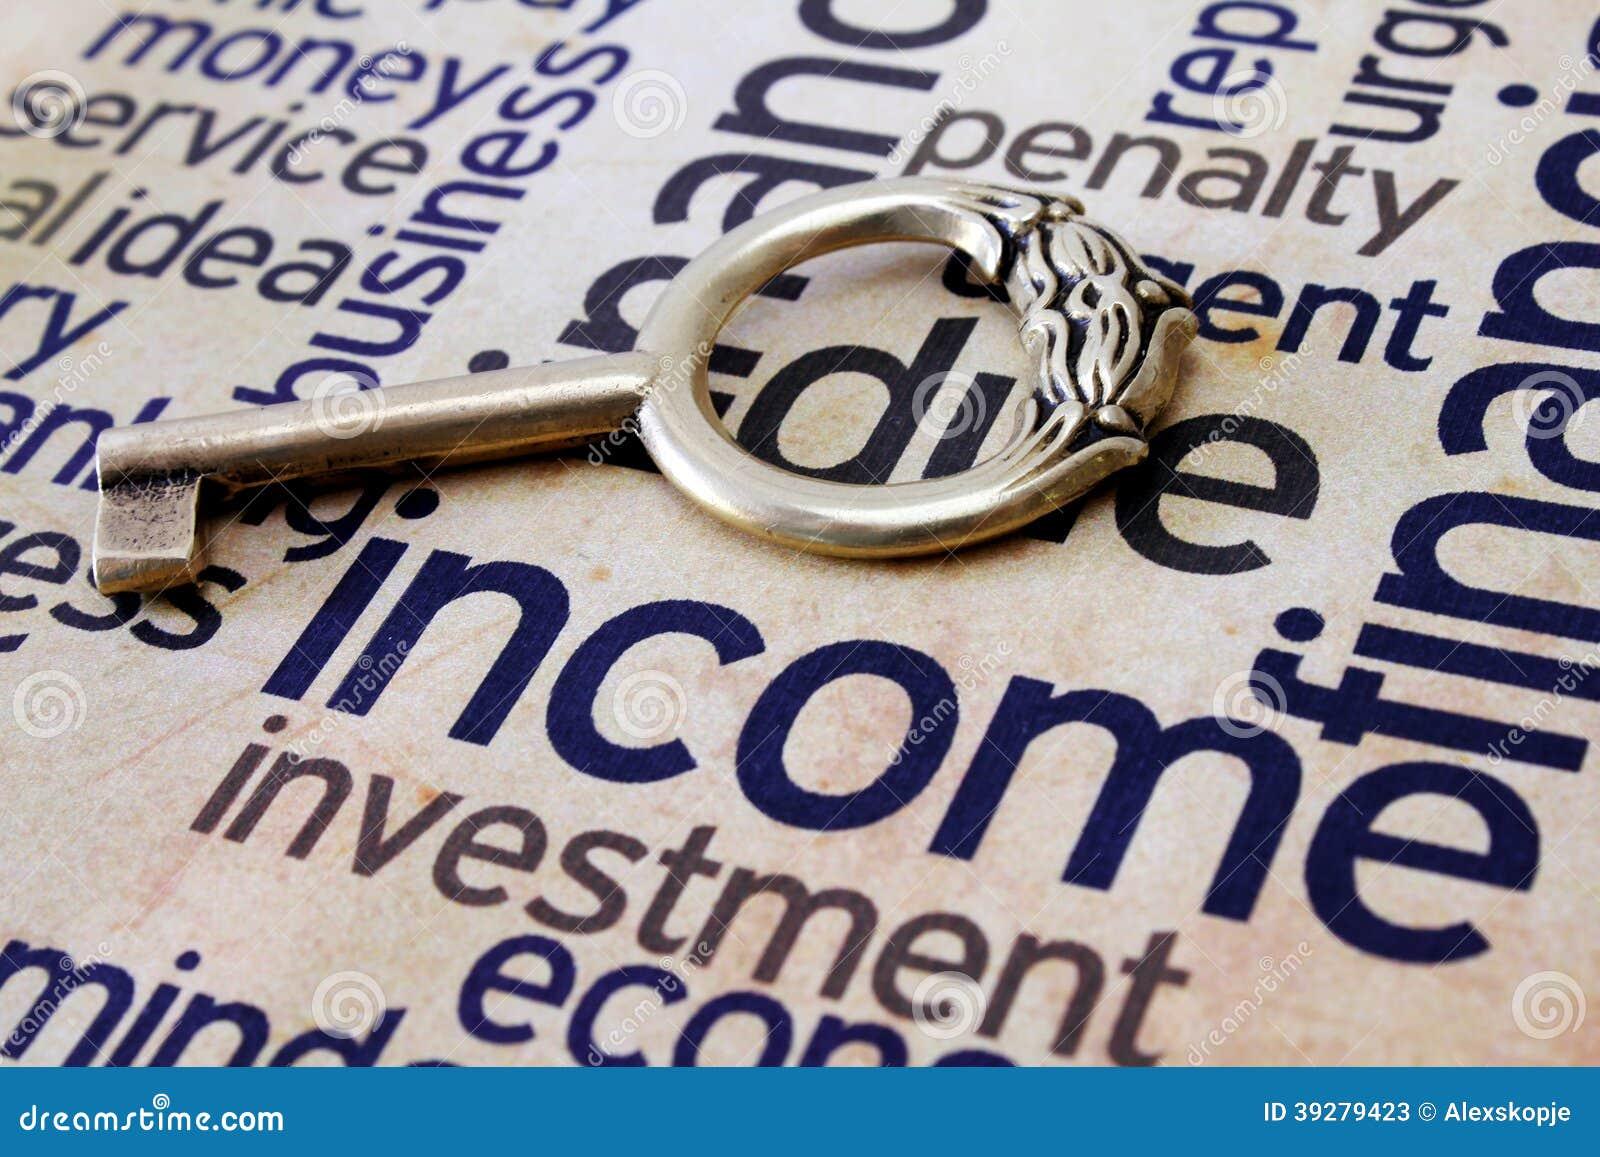 Touche fonctions étendues sur le texte de revenu